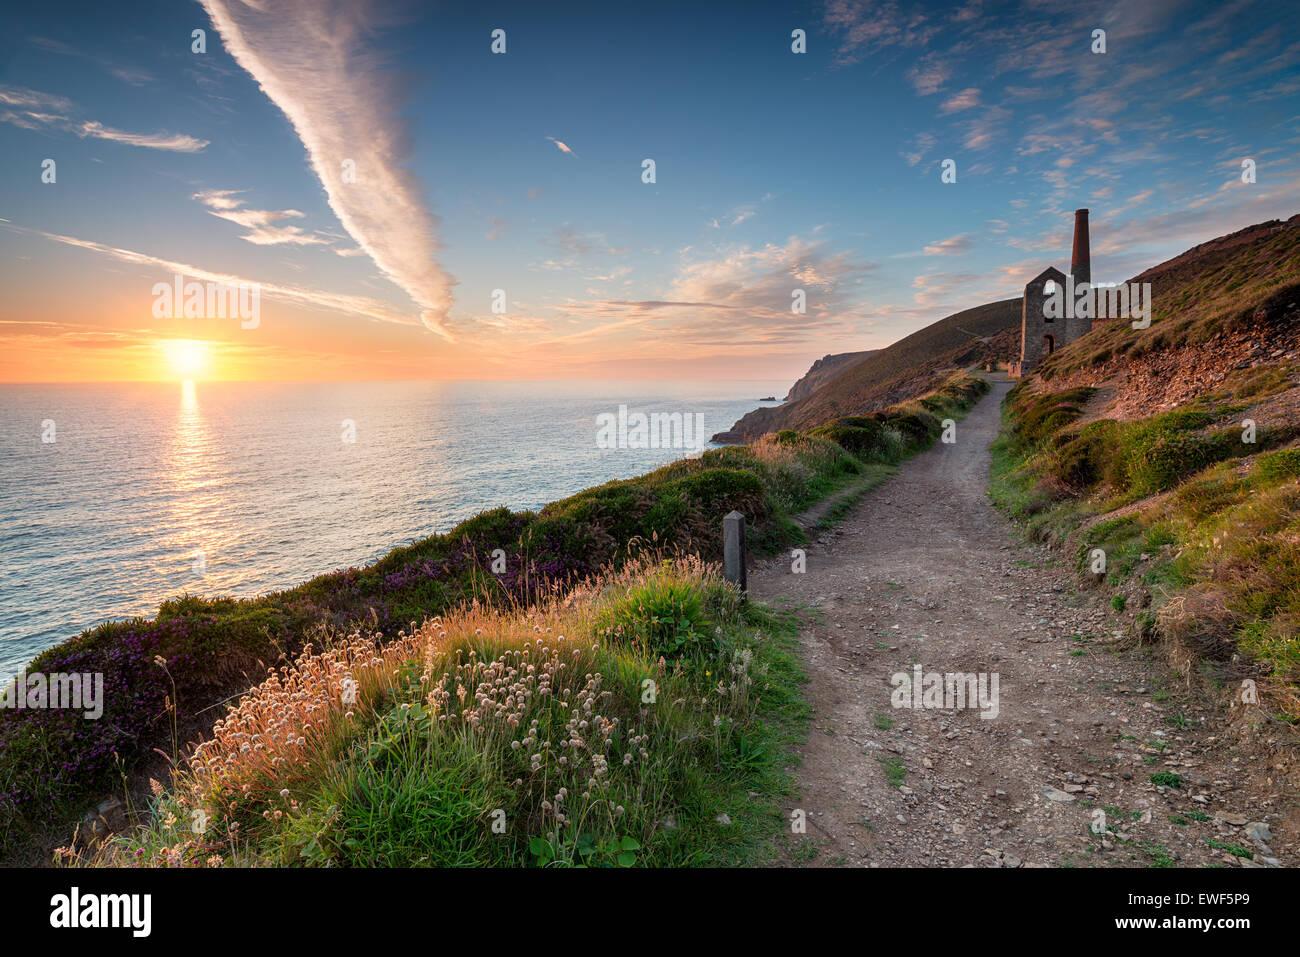 Sonnenuntergang von der South West Coast Path, das Maschinenhaus der Towanroath und führt in Richtung St Agnes Stockbild